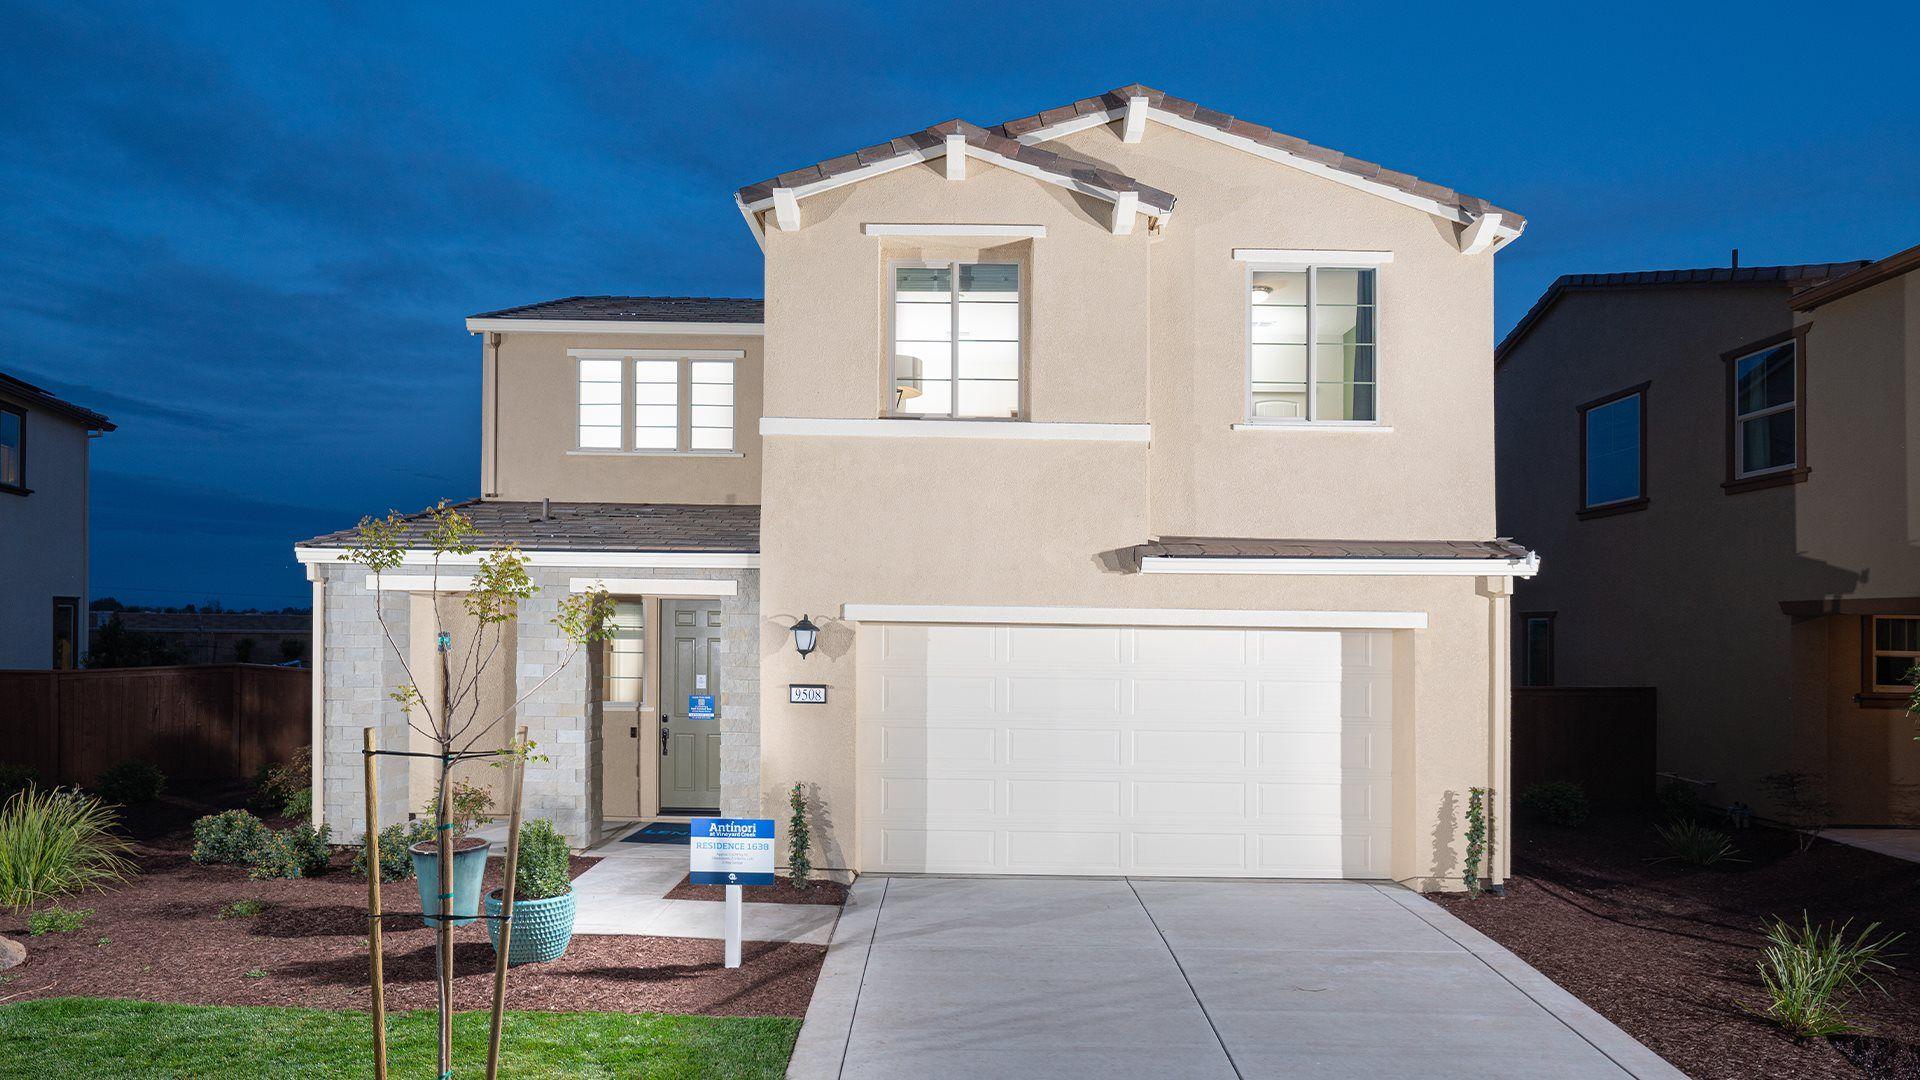 Residence 1638 | Model Home